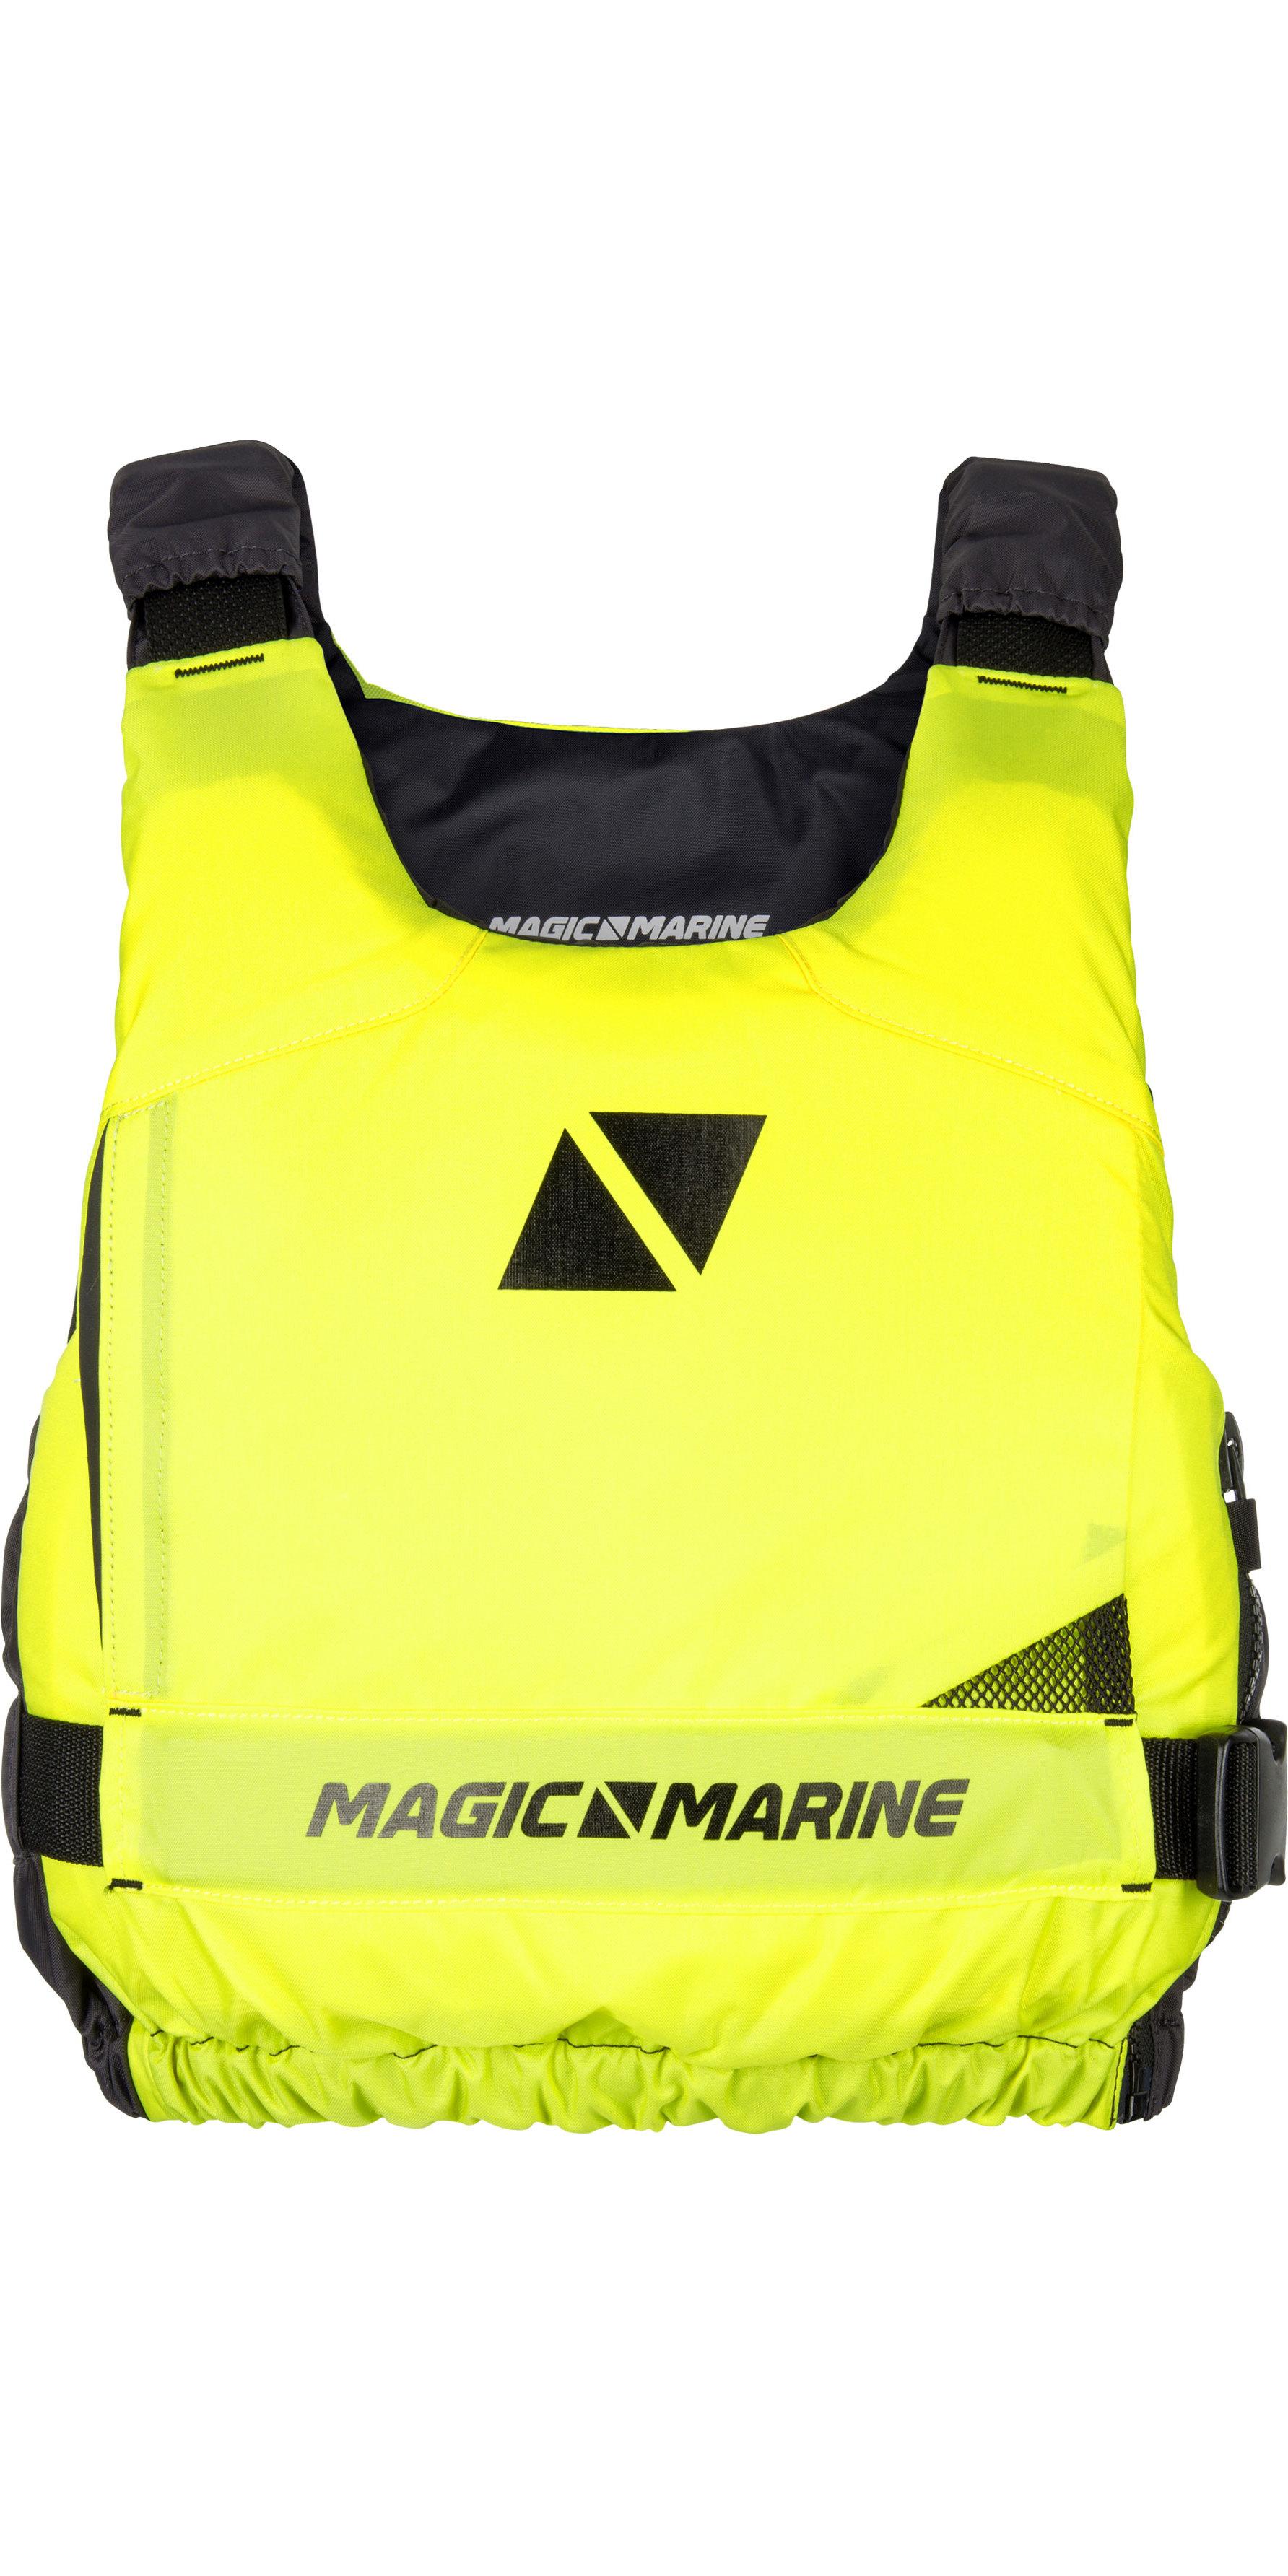 2019 Magic Marine Ultimate Drijfhulpmiddel Met Rits Aan De Zijkant Flash Geel 180055